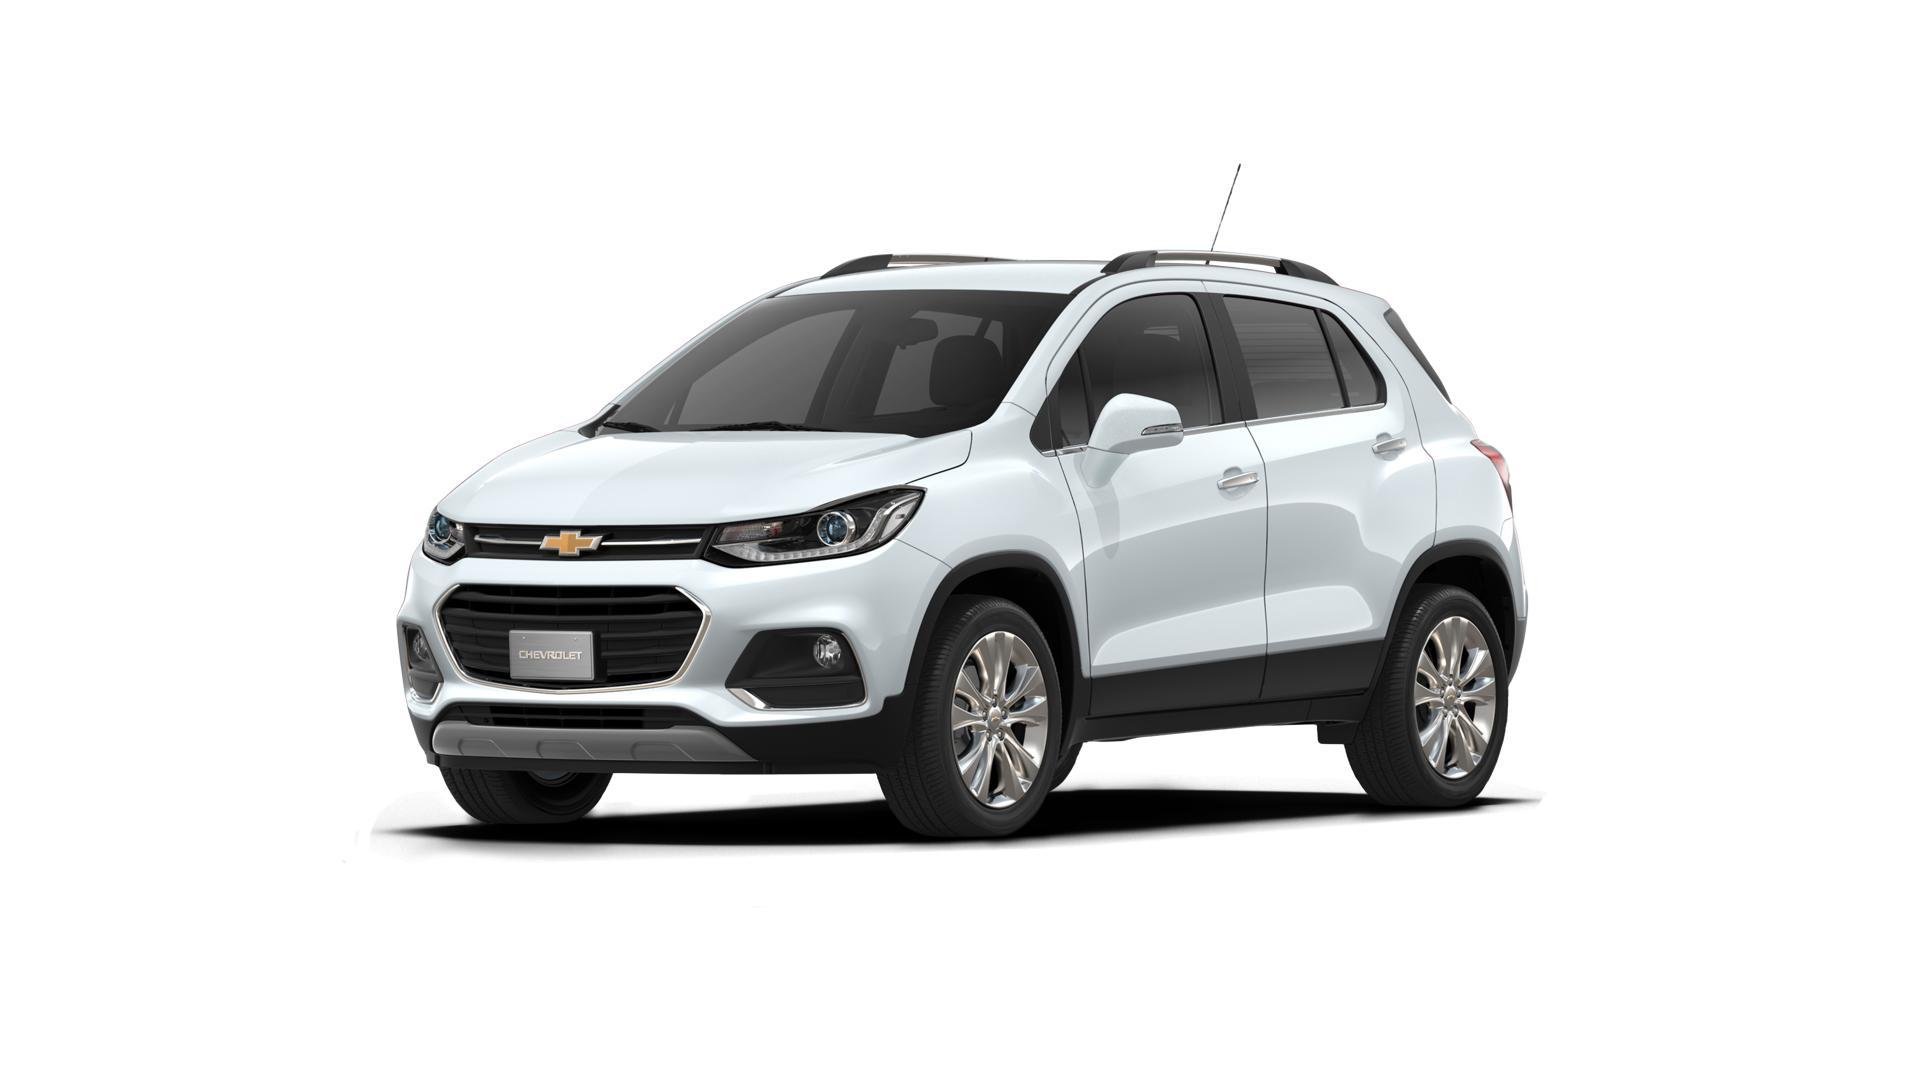 Chevrolet TRACKER PREMIER TURBO 1.4 2019